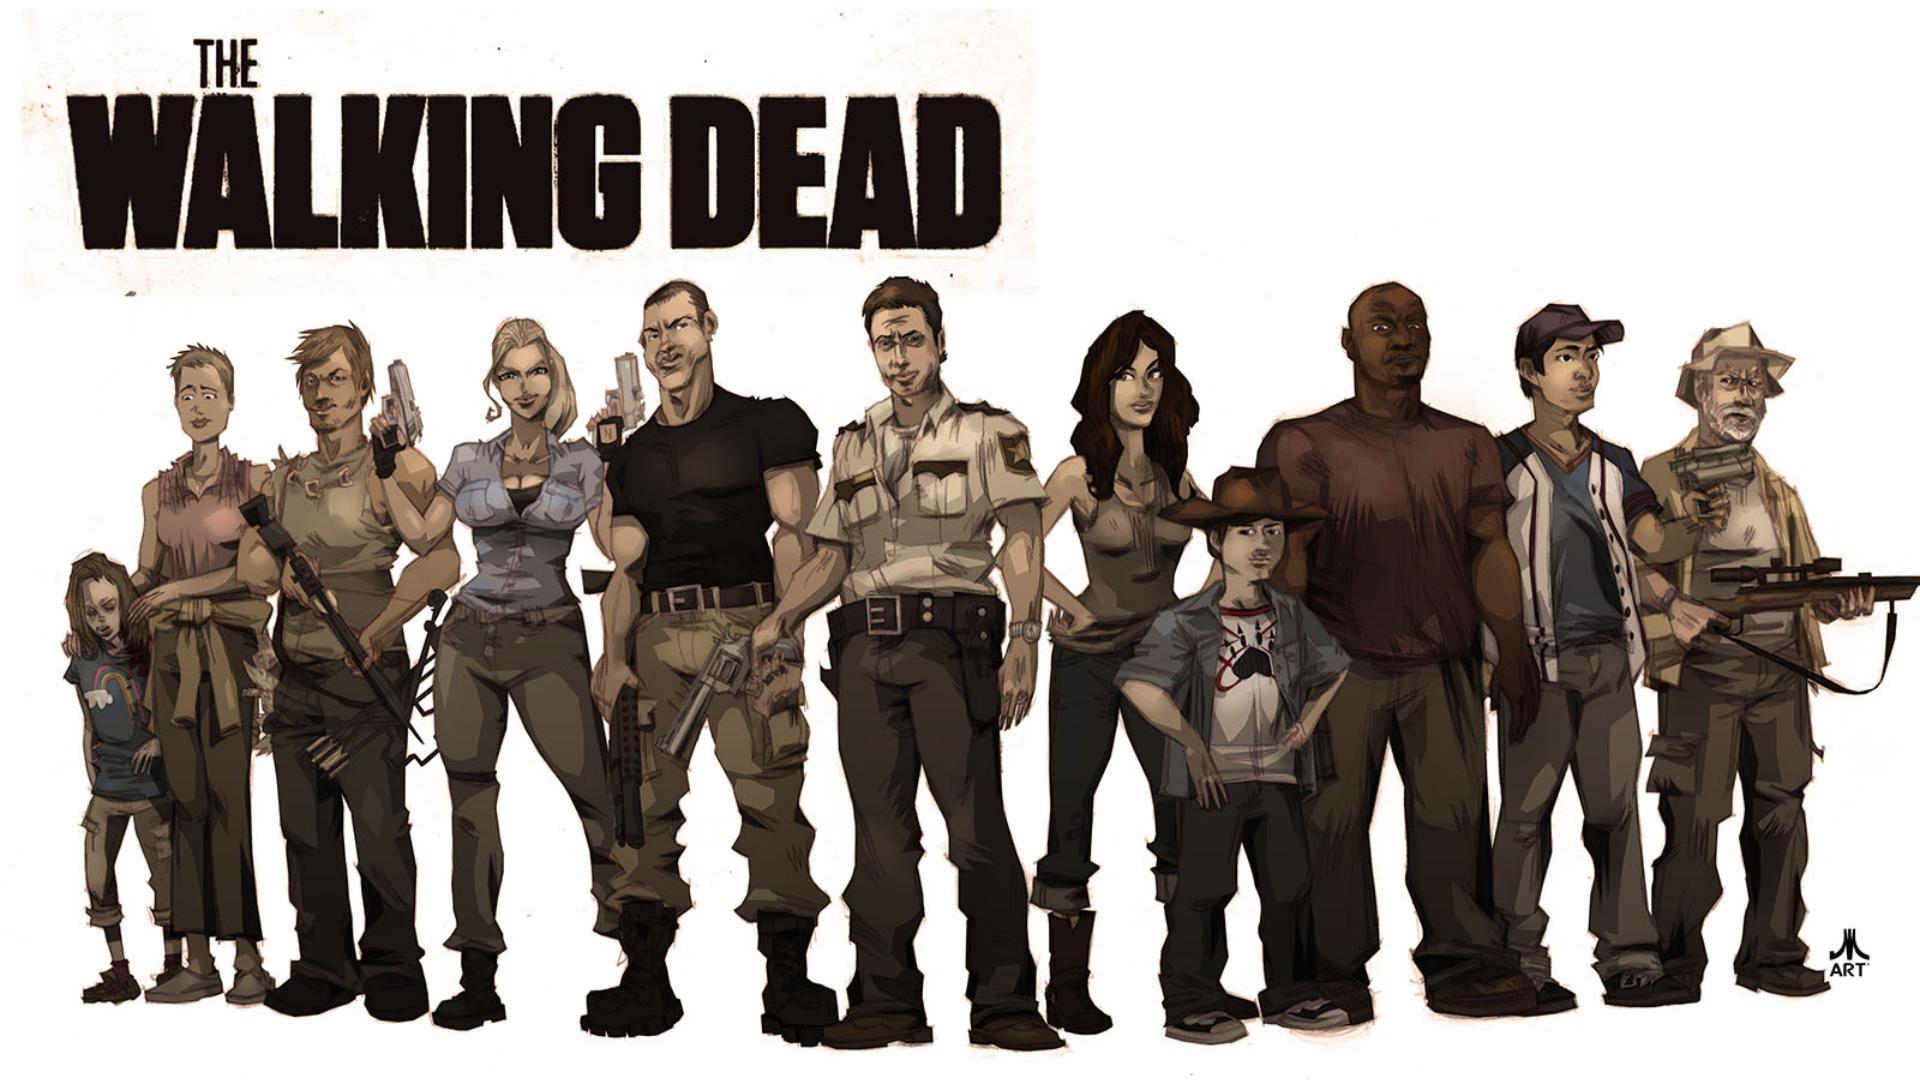 Wallpapers Of The Week Walking Dead 1920x1080